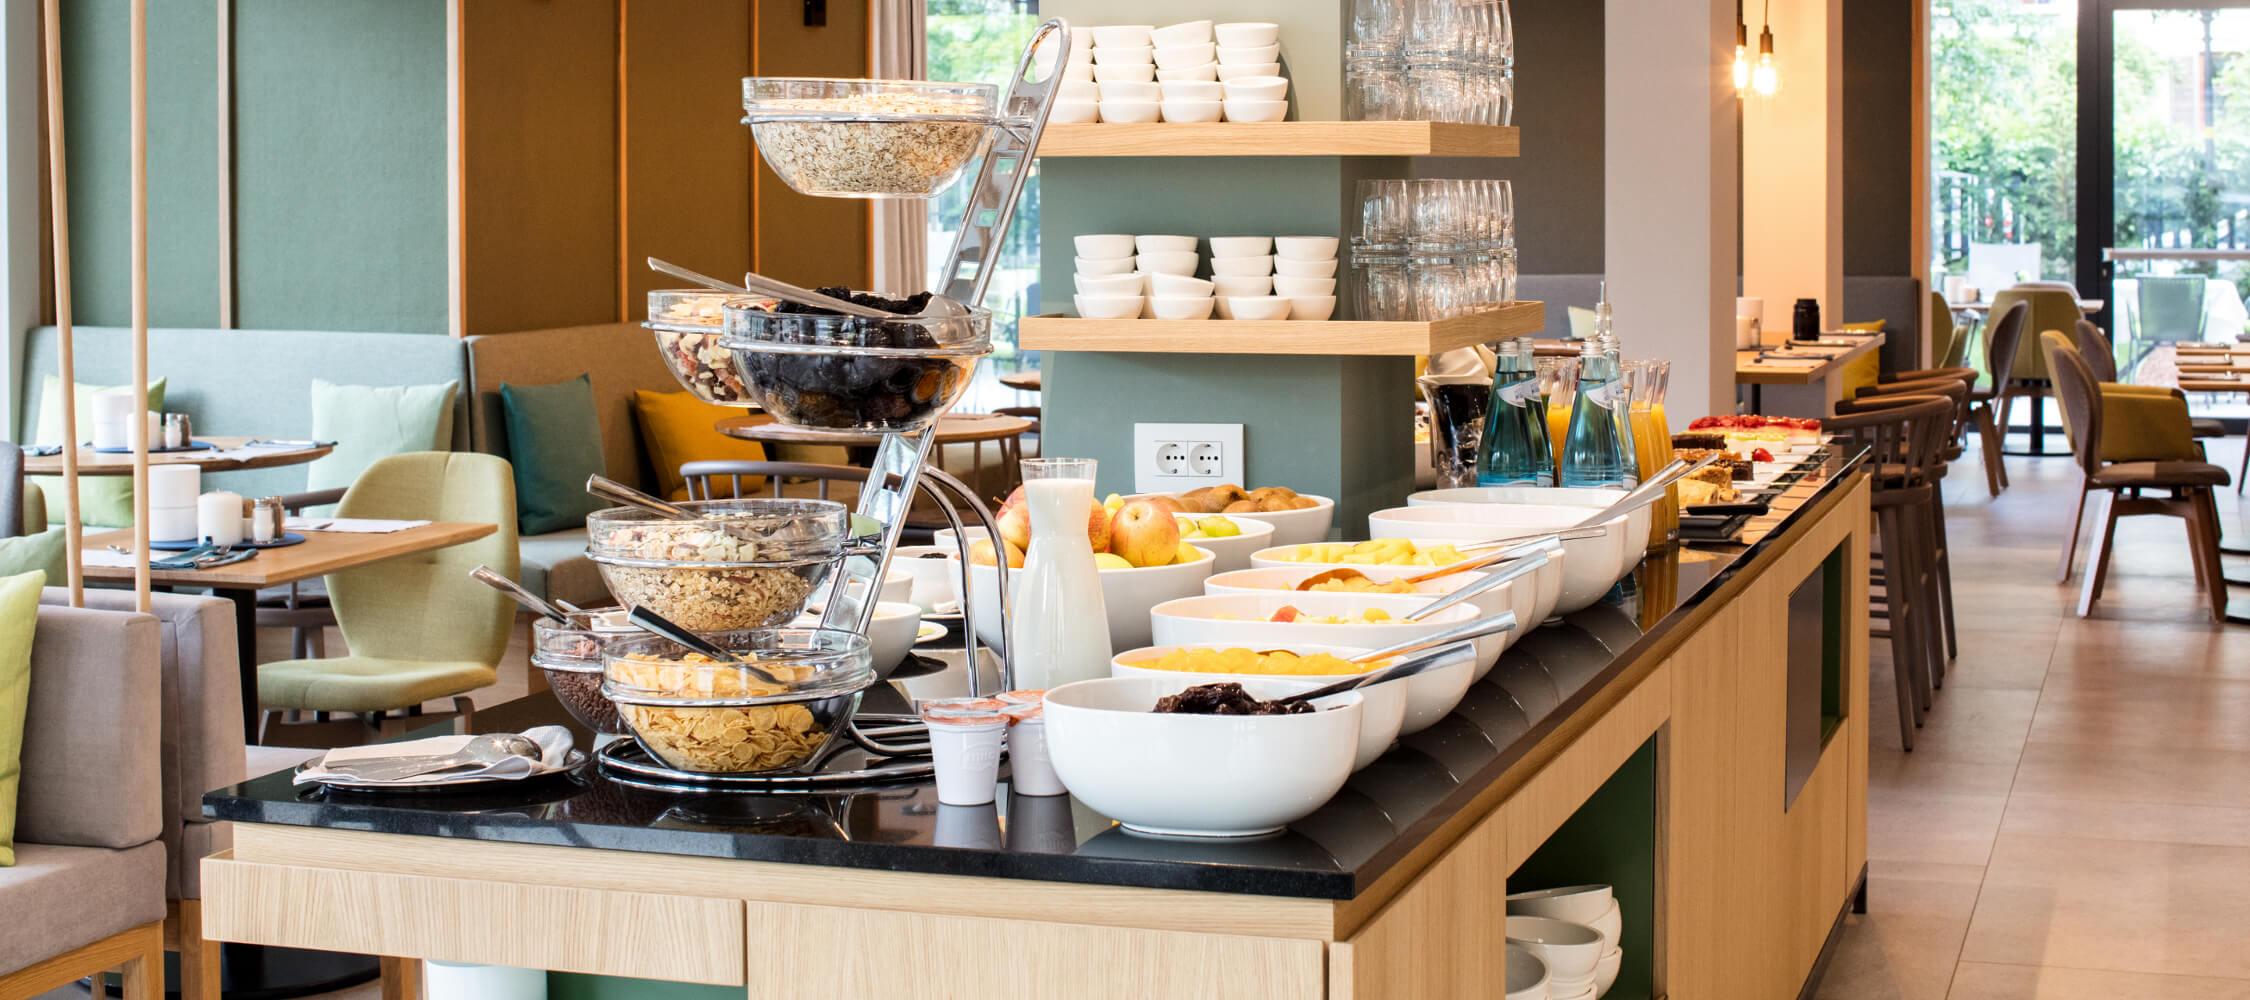 Hotel Flora, Meran, Stadthotel, Frühstücksbuffet, regionale Produkte, Obst, Wurstwaren, Muesli, Gebäck, Kuchen, Säfte, glutenfreie Produkte, Allergikerfreundlich